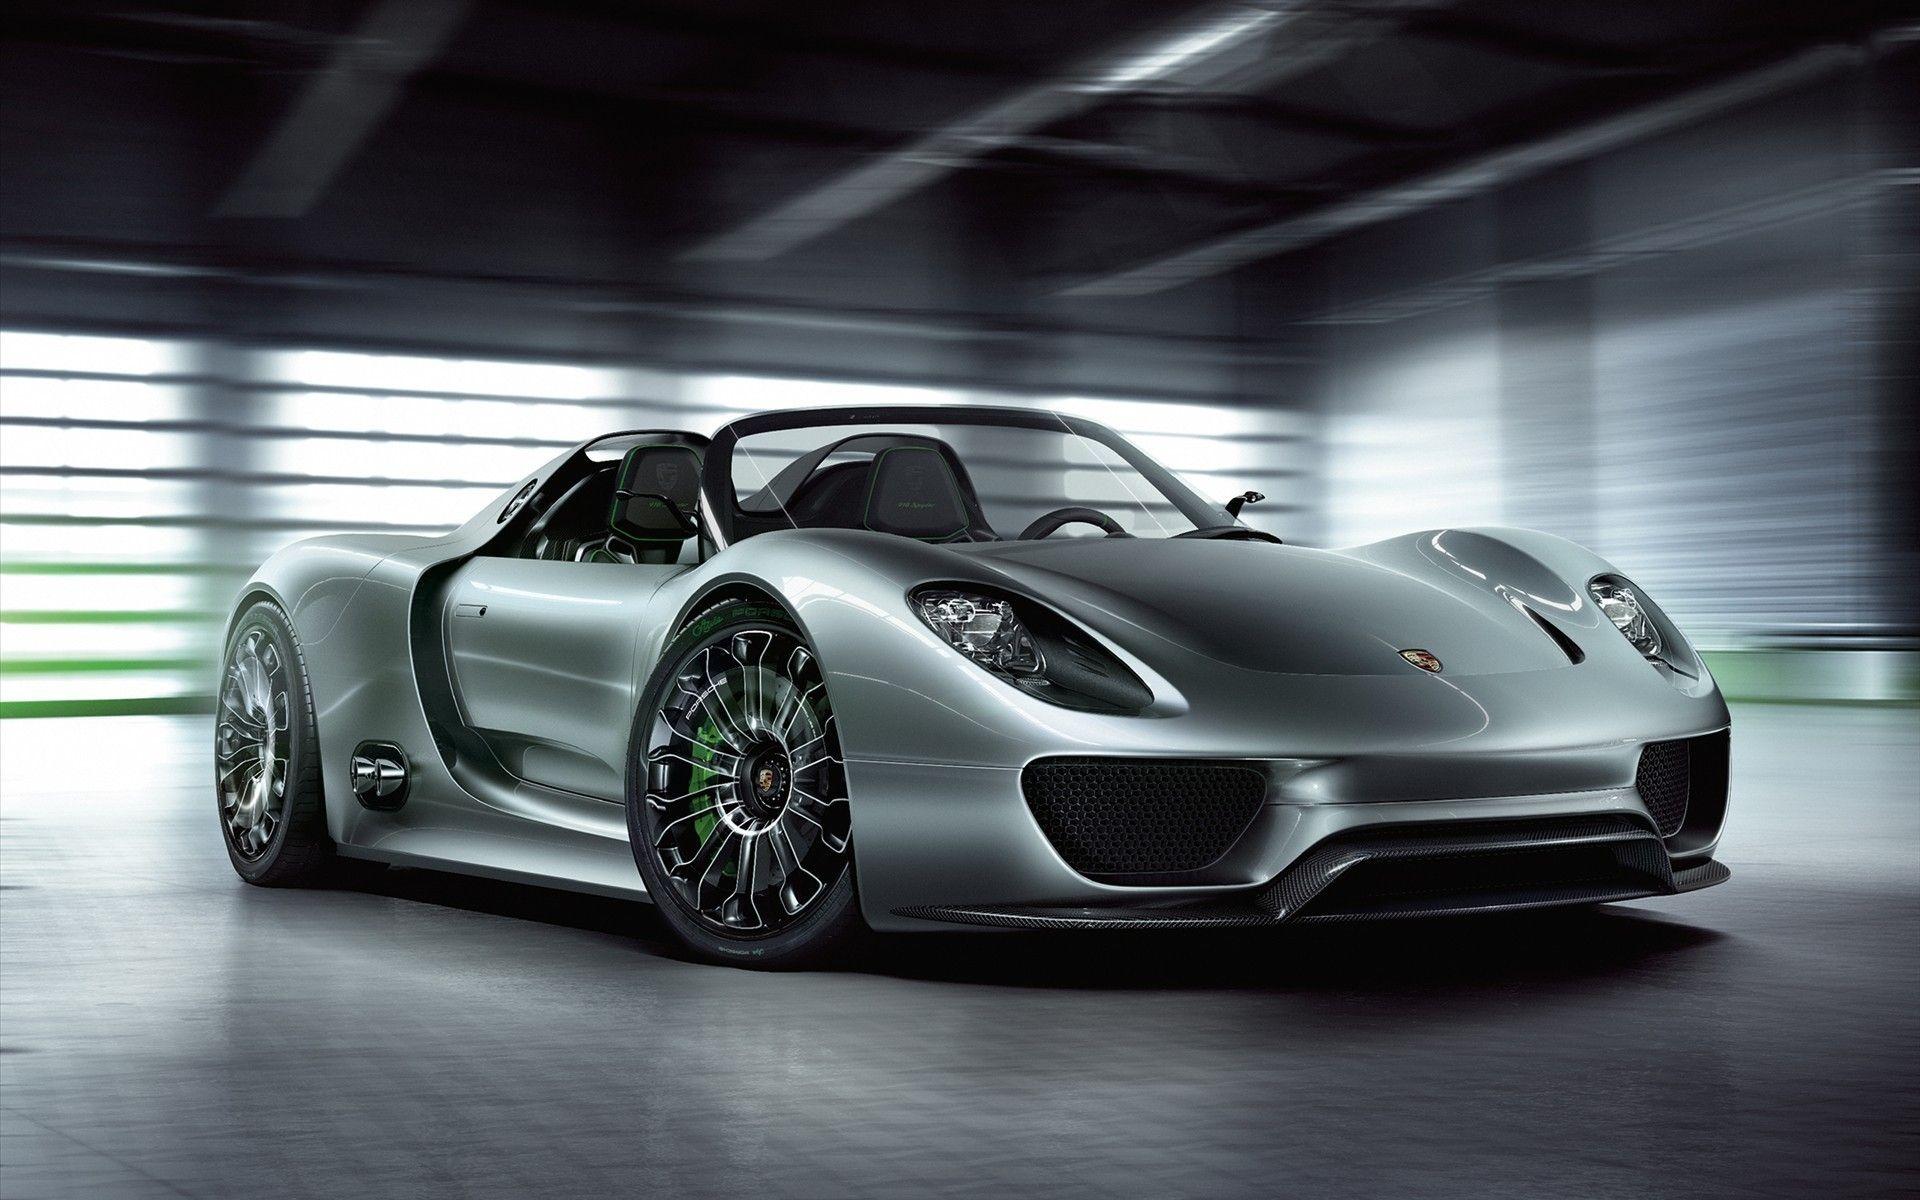 World Best Race CAr Porsche Wallpaper 7 SA Wallpapers | Mobiblaze.